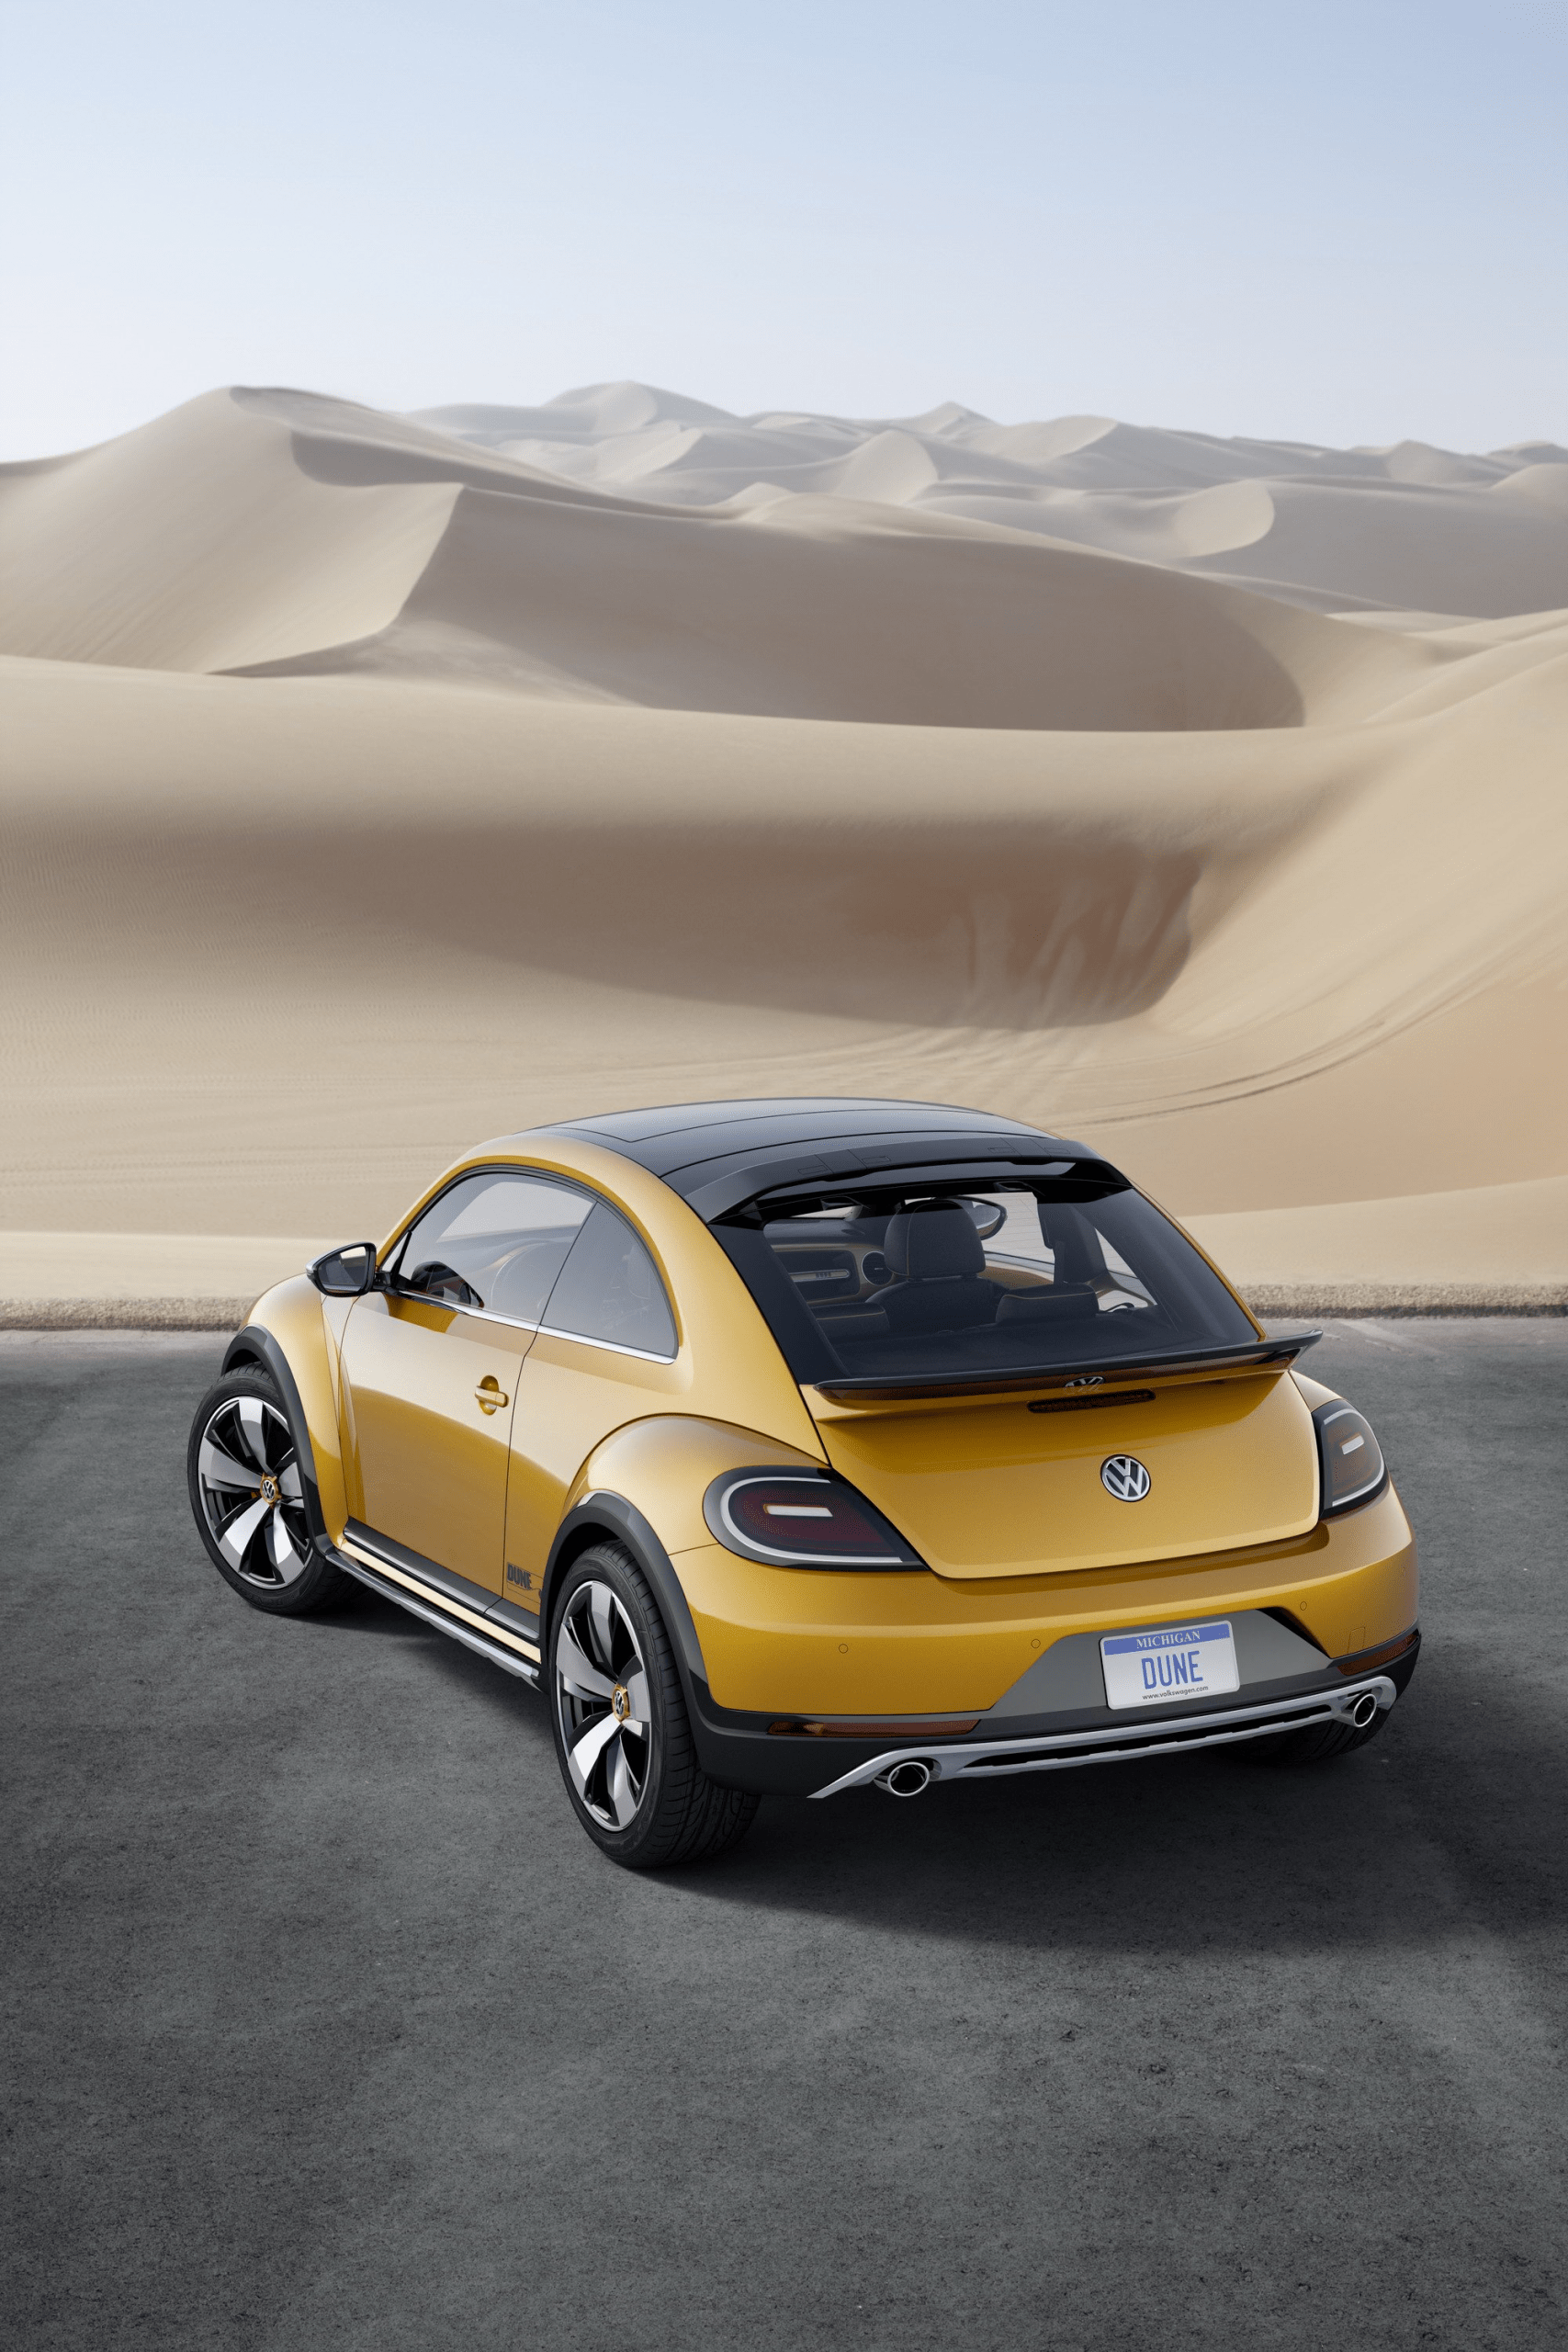 2021 Volkswagen Beetle Dune Concept In 2020 Volkswagen Beetle Volkswagen New Beetle Volkswagen